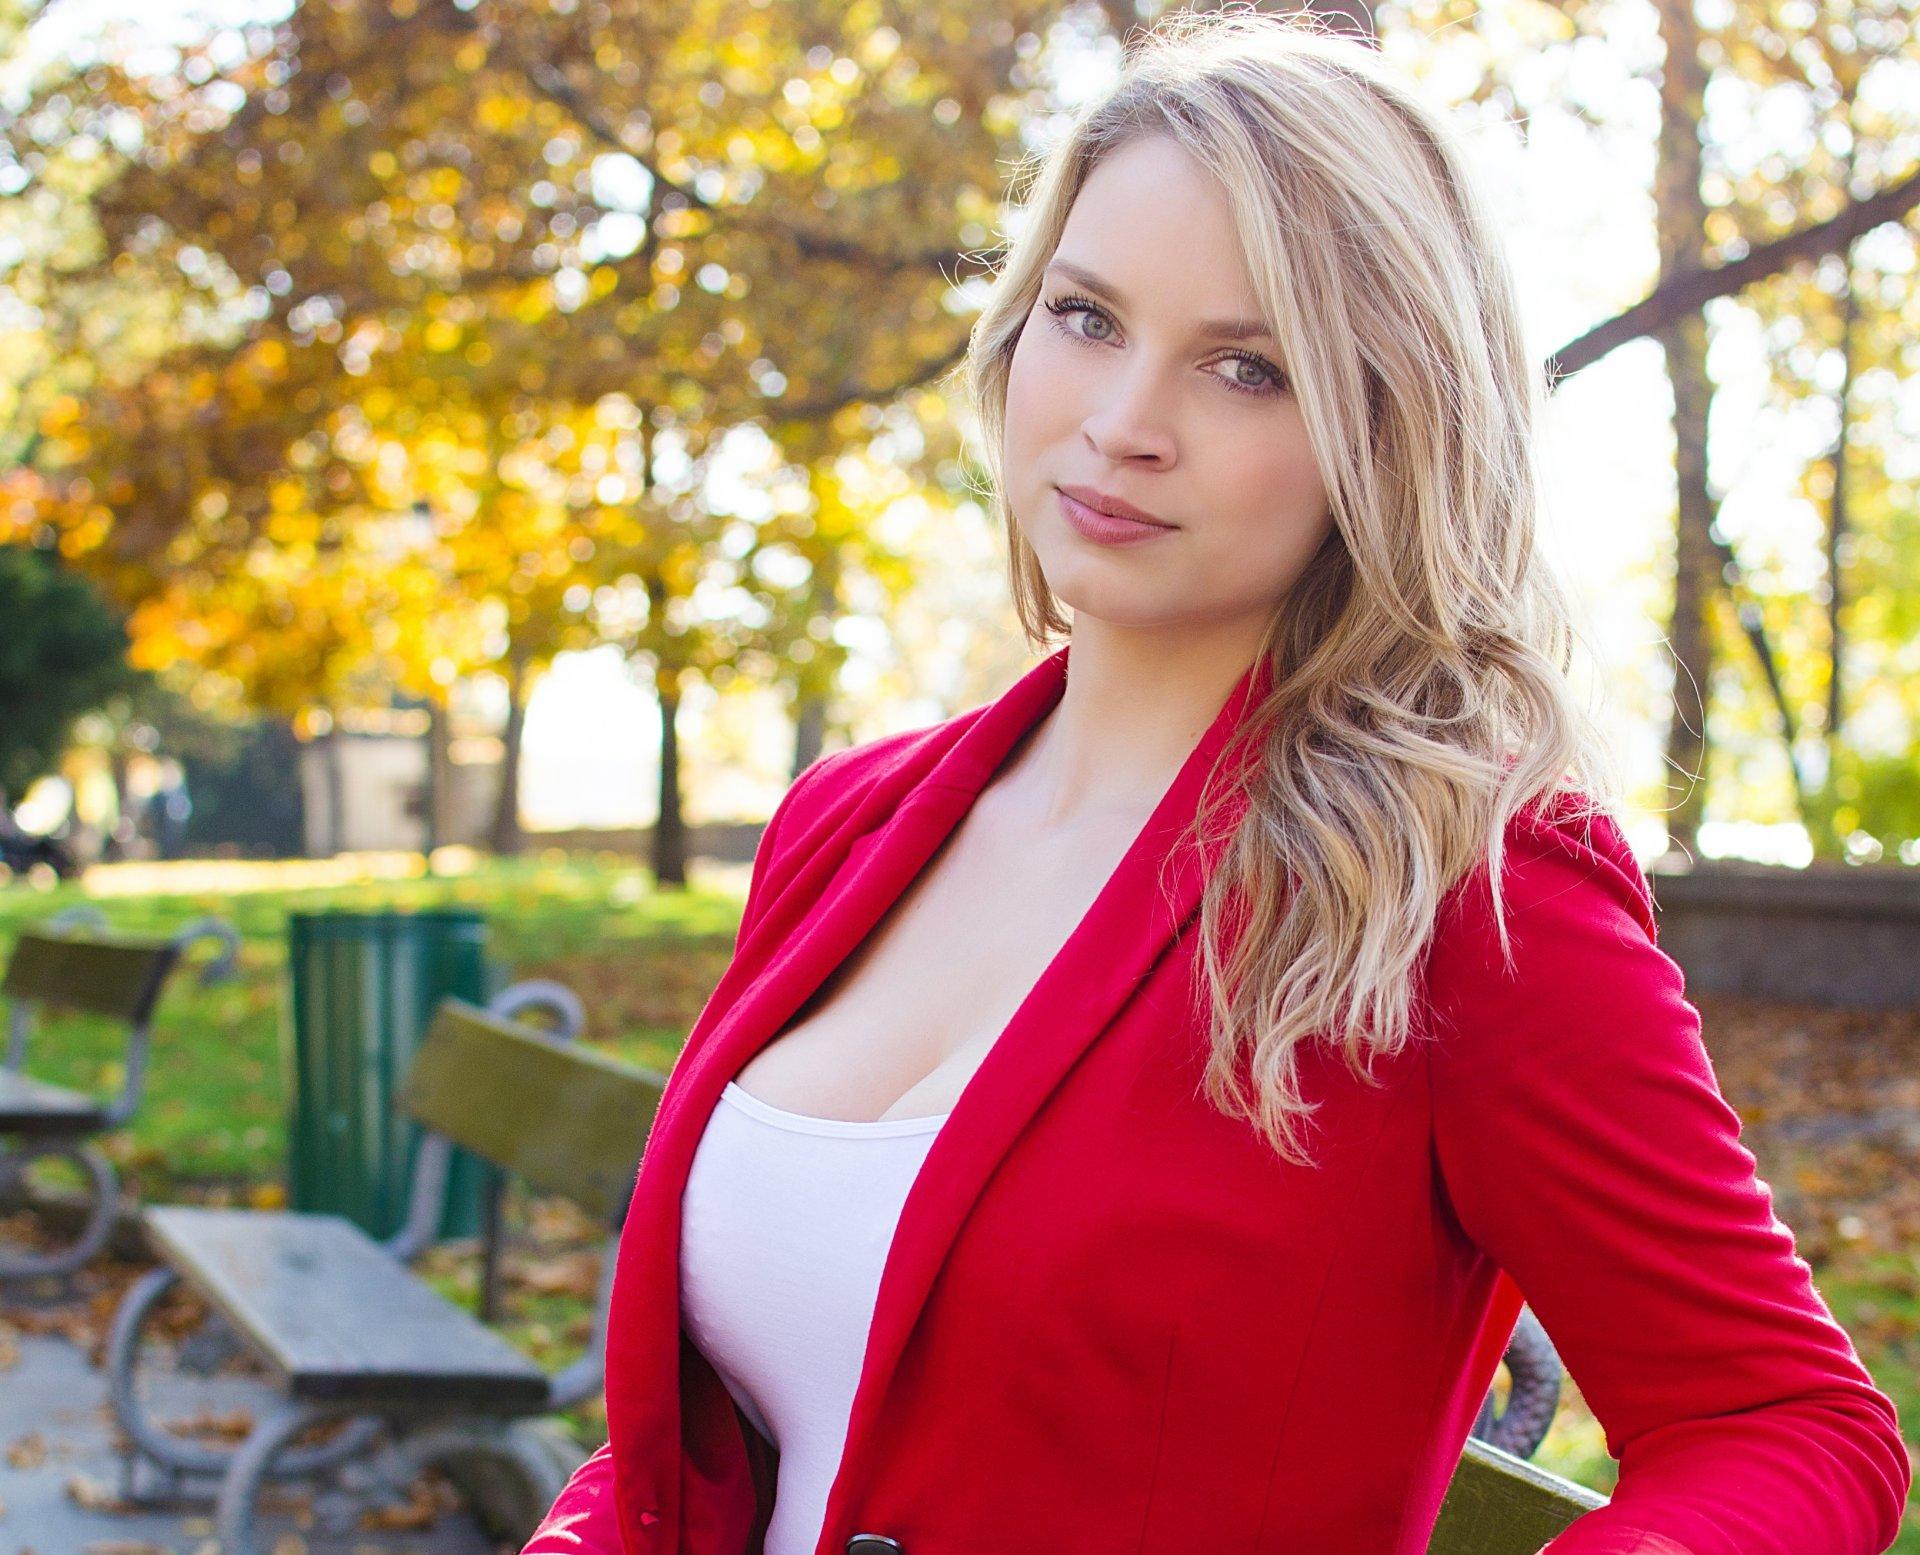 всё равно молодая польская красотка что, наташ